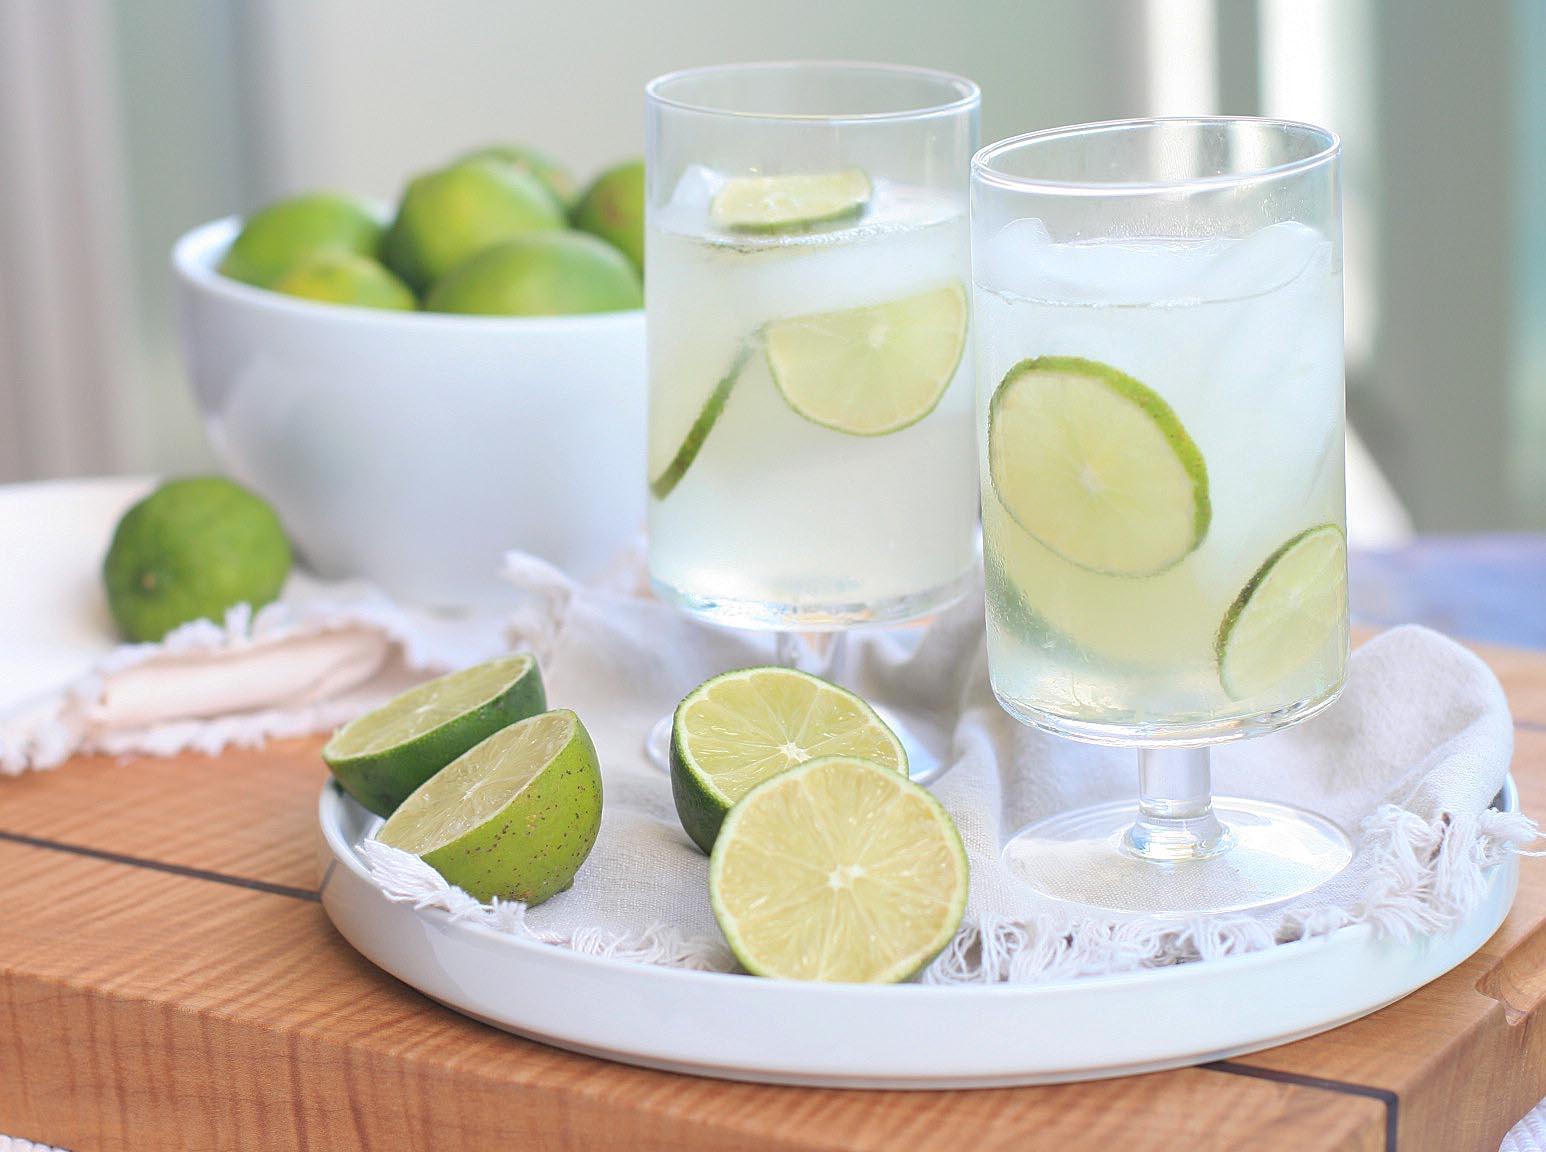 Một ly nước chanh giúp làm loãng axit uric gây ra sự tích tụ dẫn đến đau khớp.